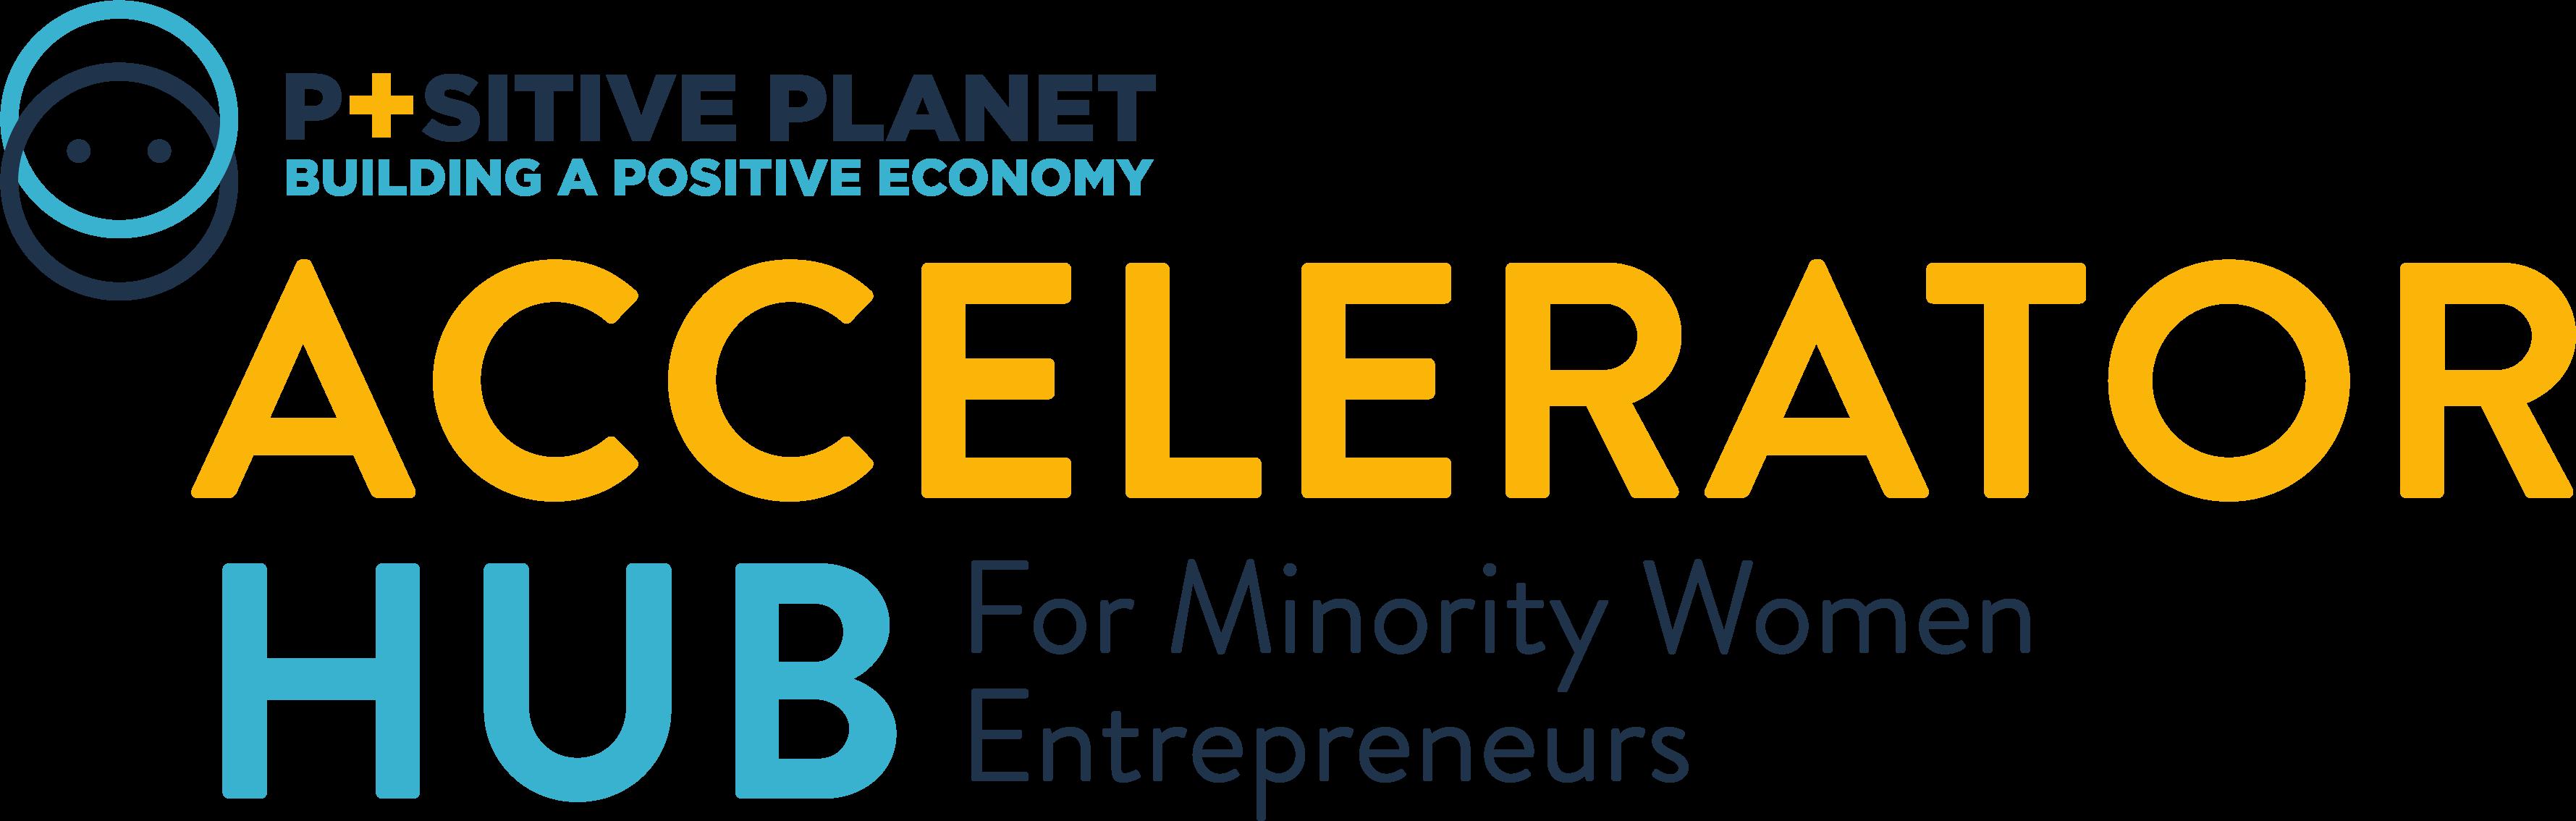 Positive Planet Accelerator Hub for Minority Women Entrepreneurs